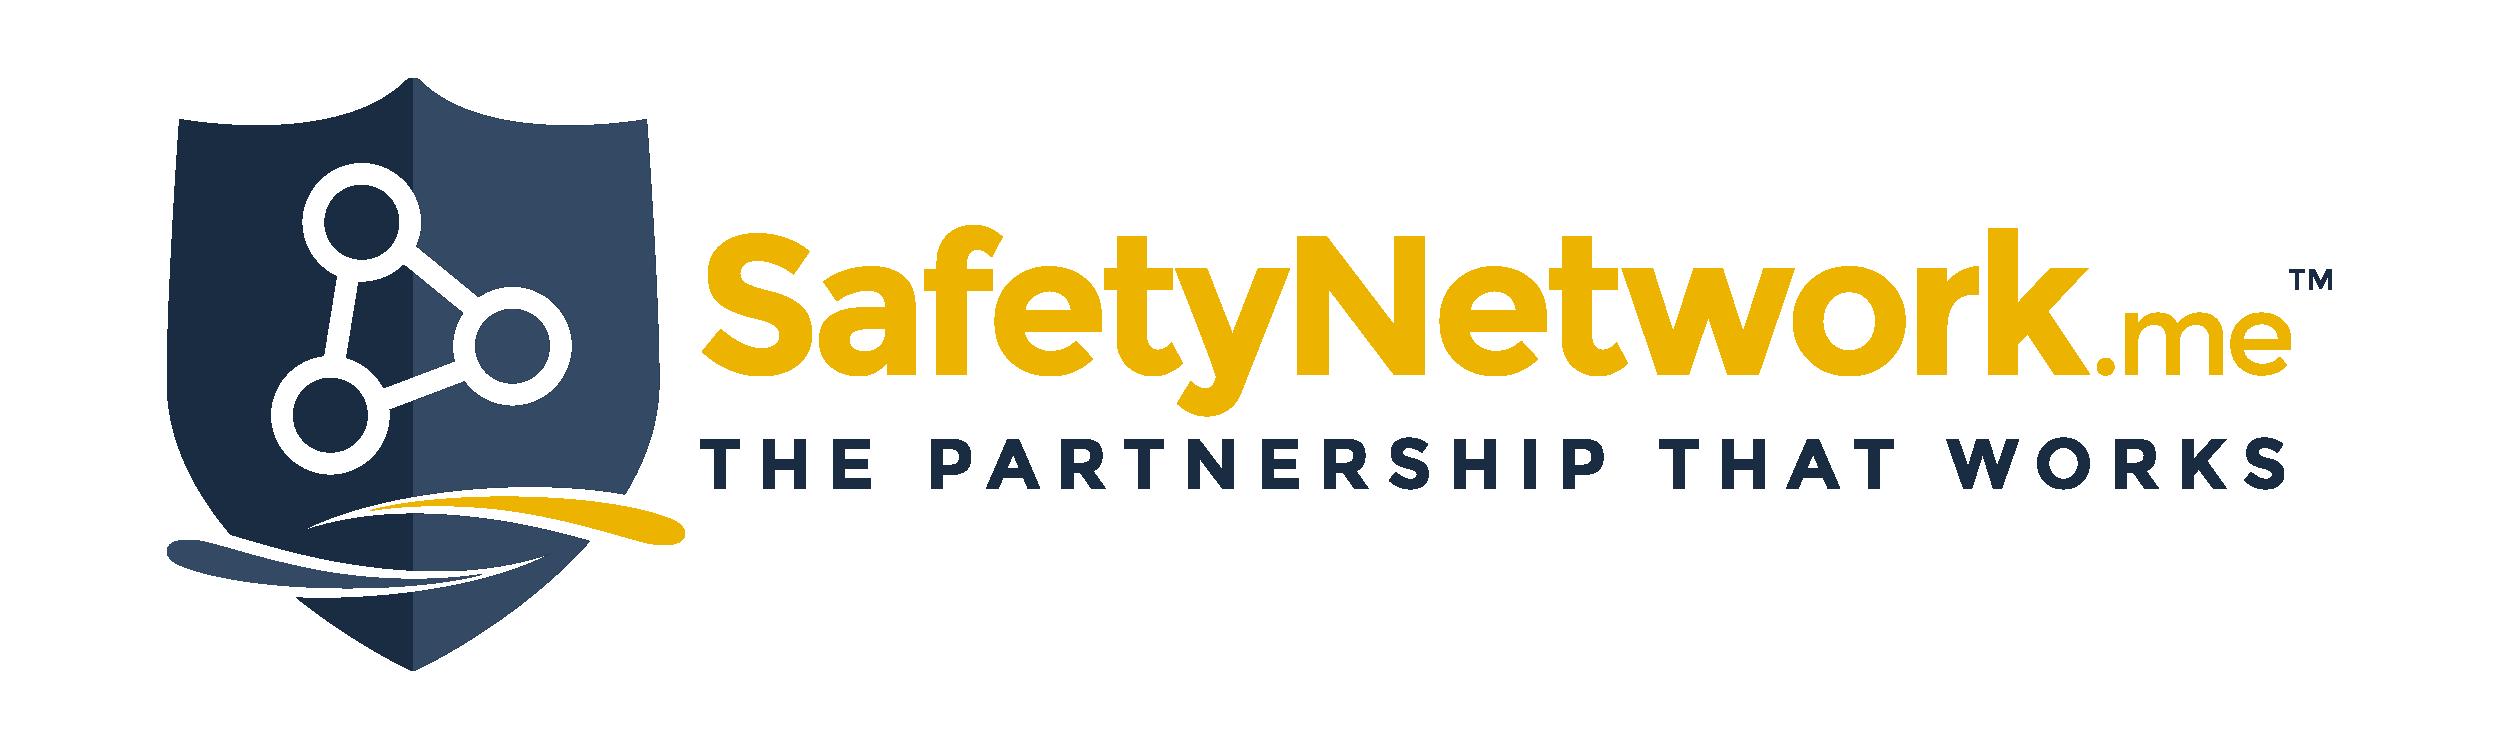 SMG-SafetyNet-Logo-no_tagline-2